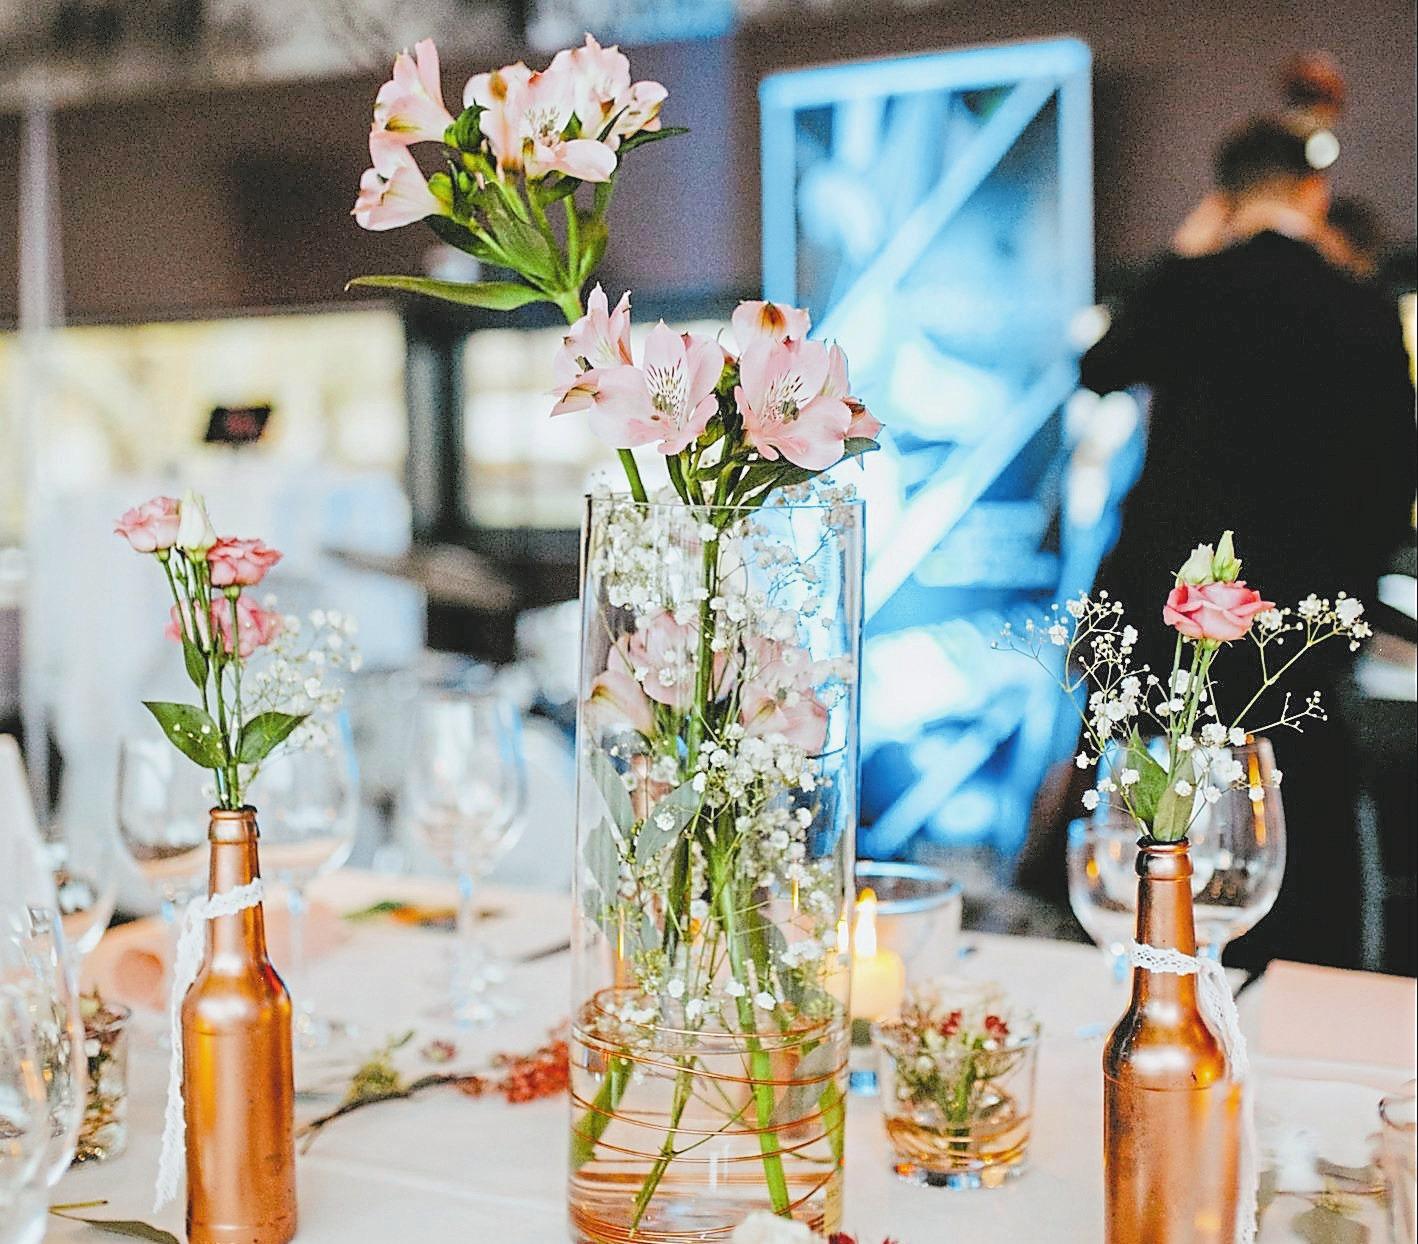 Zum Valentinstag blüht auch die Tischdeko im A2 am See. Jeder Dame wird zudem eine Rose gereicht.